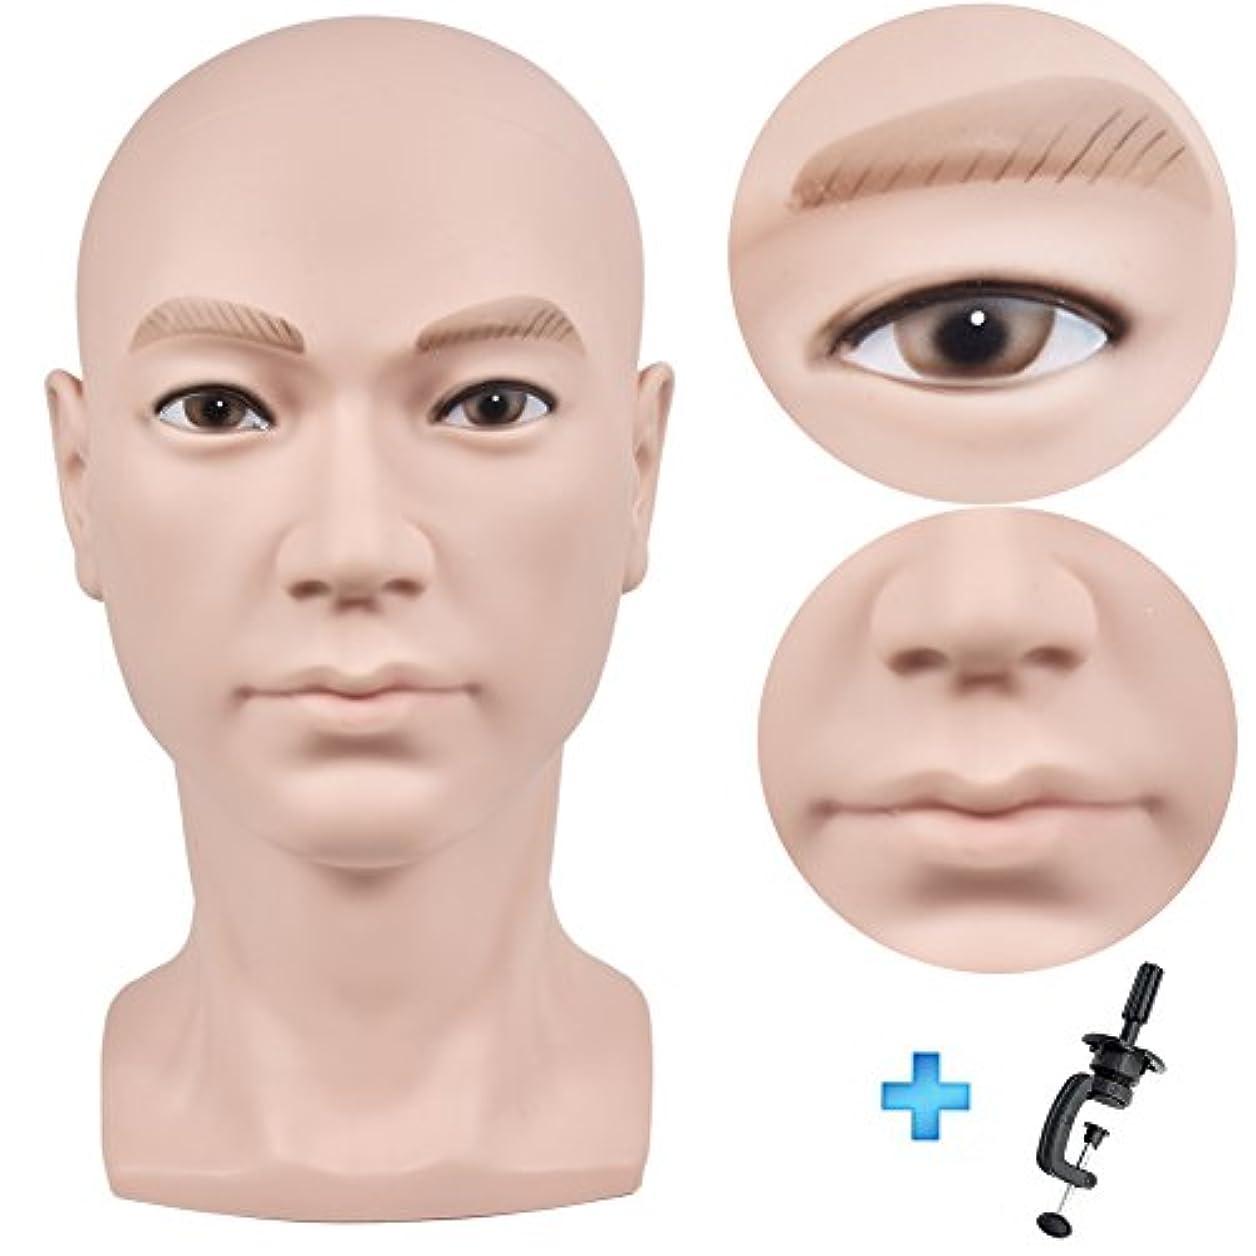 エリート調停する木髪のメイク、ディスプレイのかつら、メガネ、髪、Tピン、フリークランプのための禿げたマネキンヘッドベージュ男性プロの化粧品